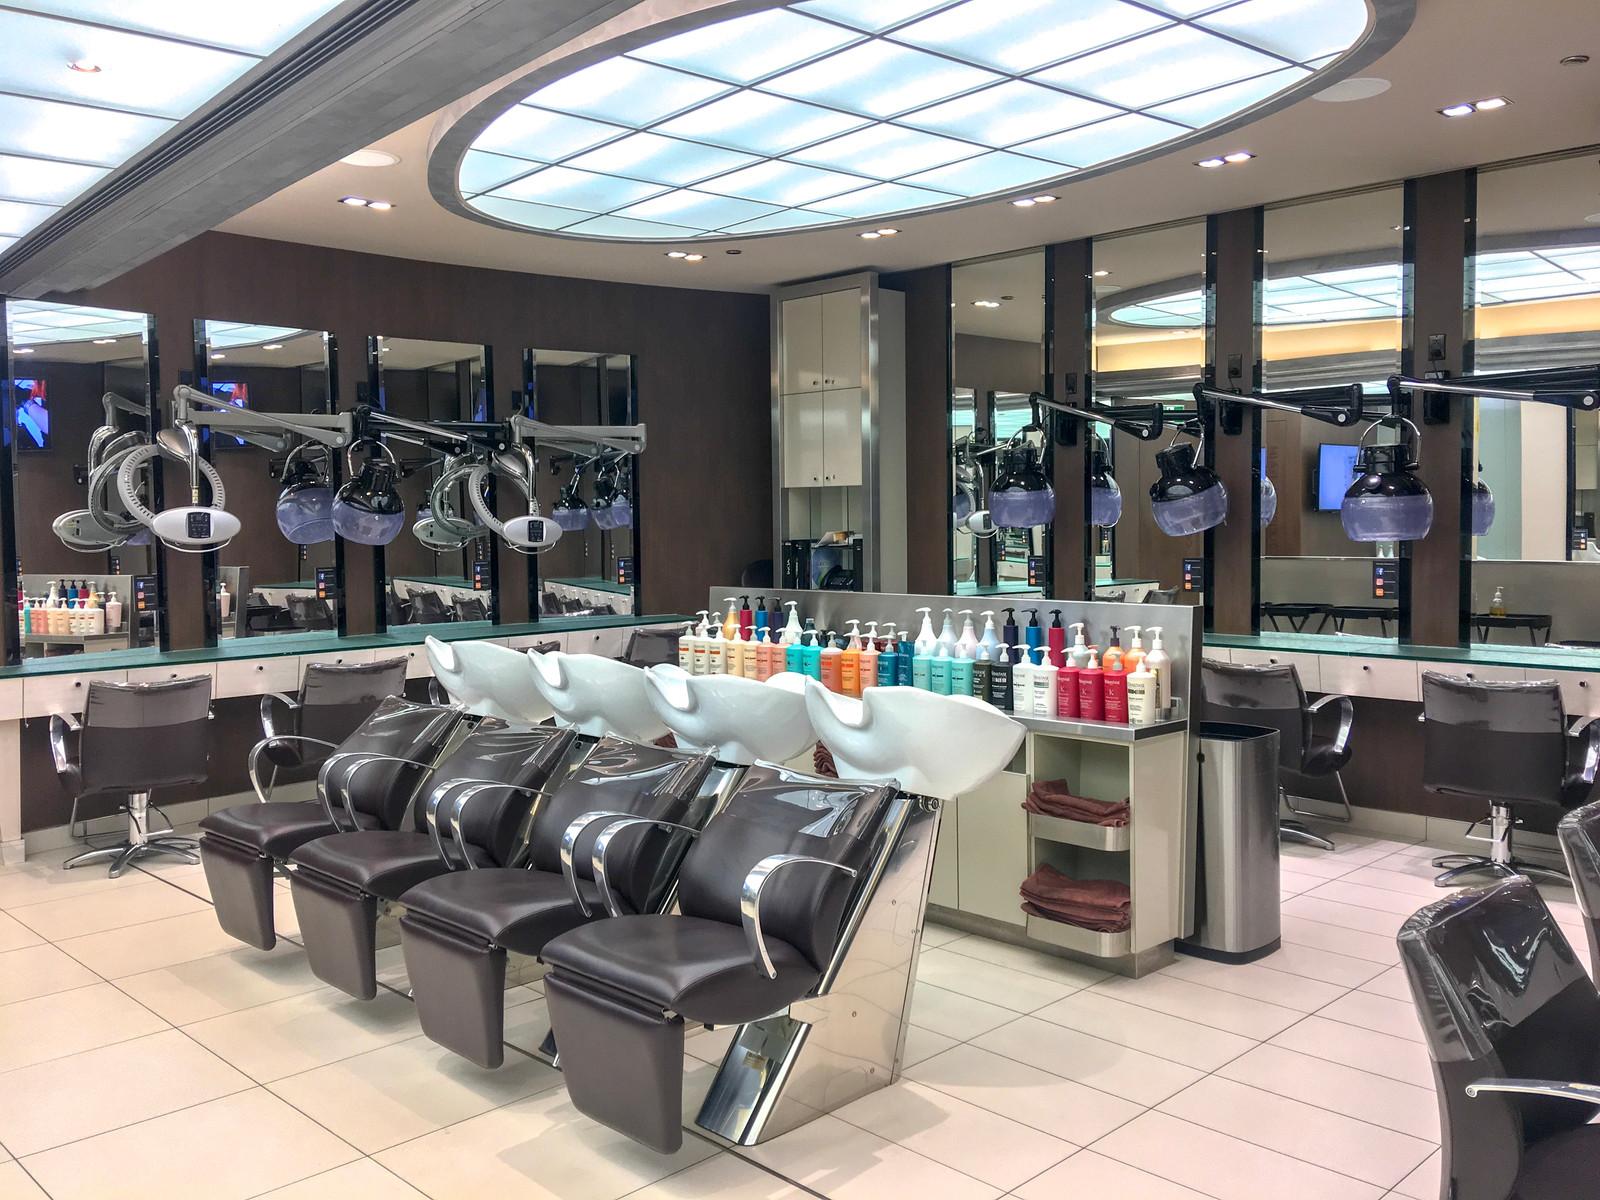 Salon Marcel Pelchat | Salon de coiffure Québec